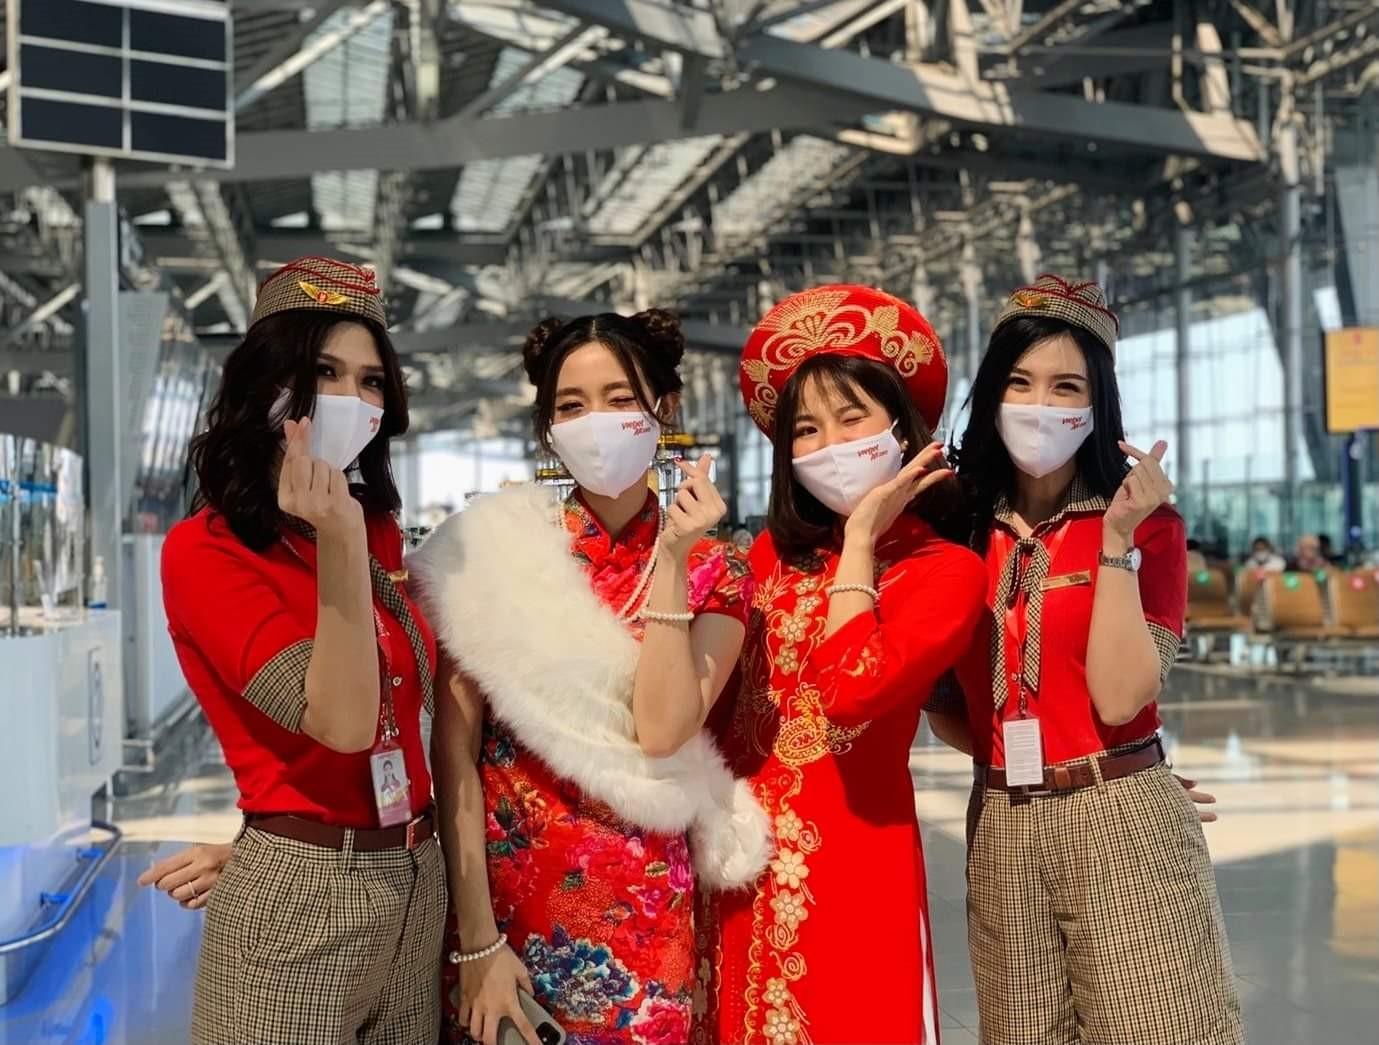 Các tiếp viên Vietjet Thái Lan tham gia hoạt động chào đón Tết Tân Sửu tại sân bay Suvarnabhumi, Bangkok. Ảnh: Vietjet Thái Lan.